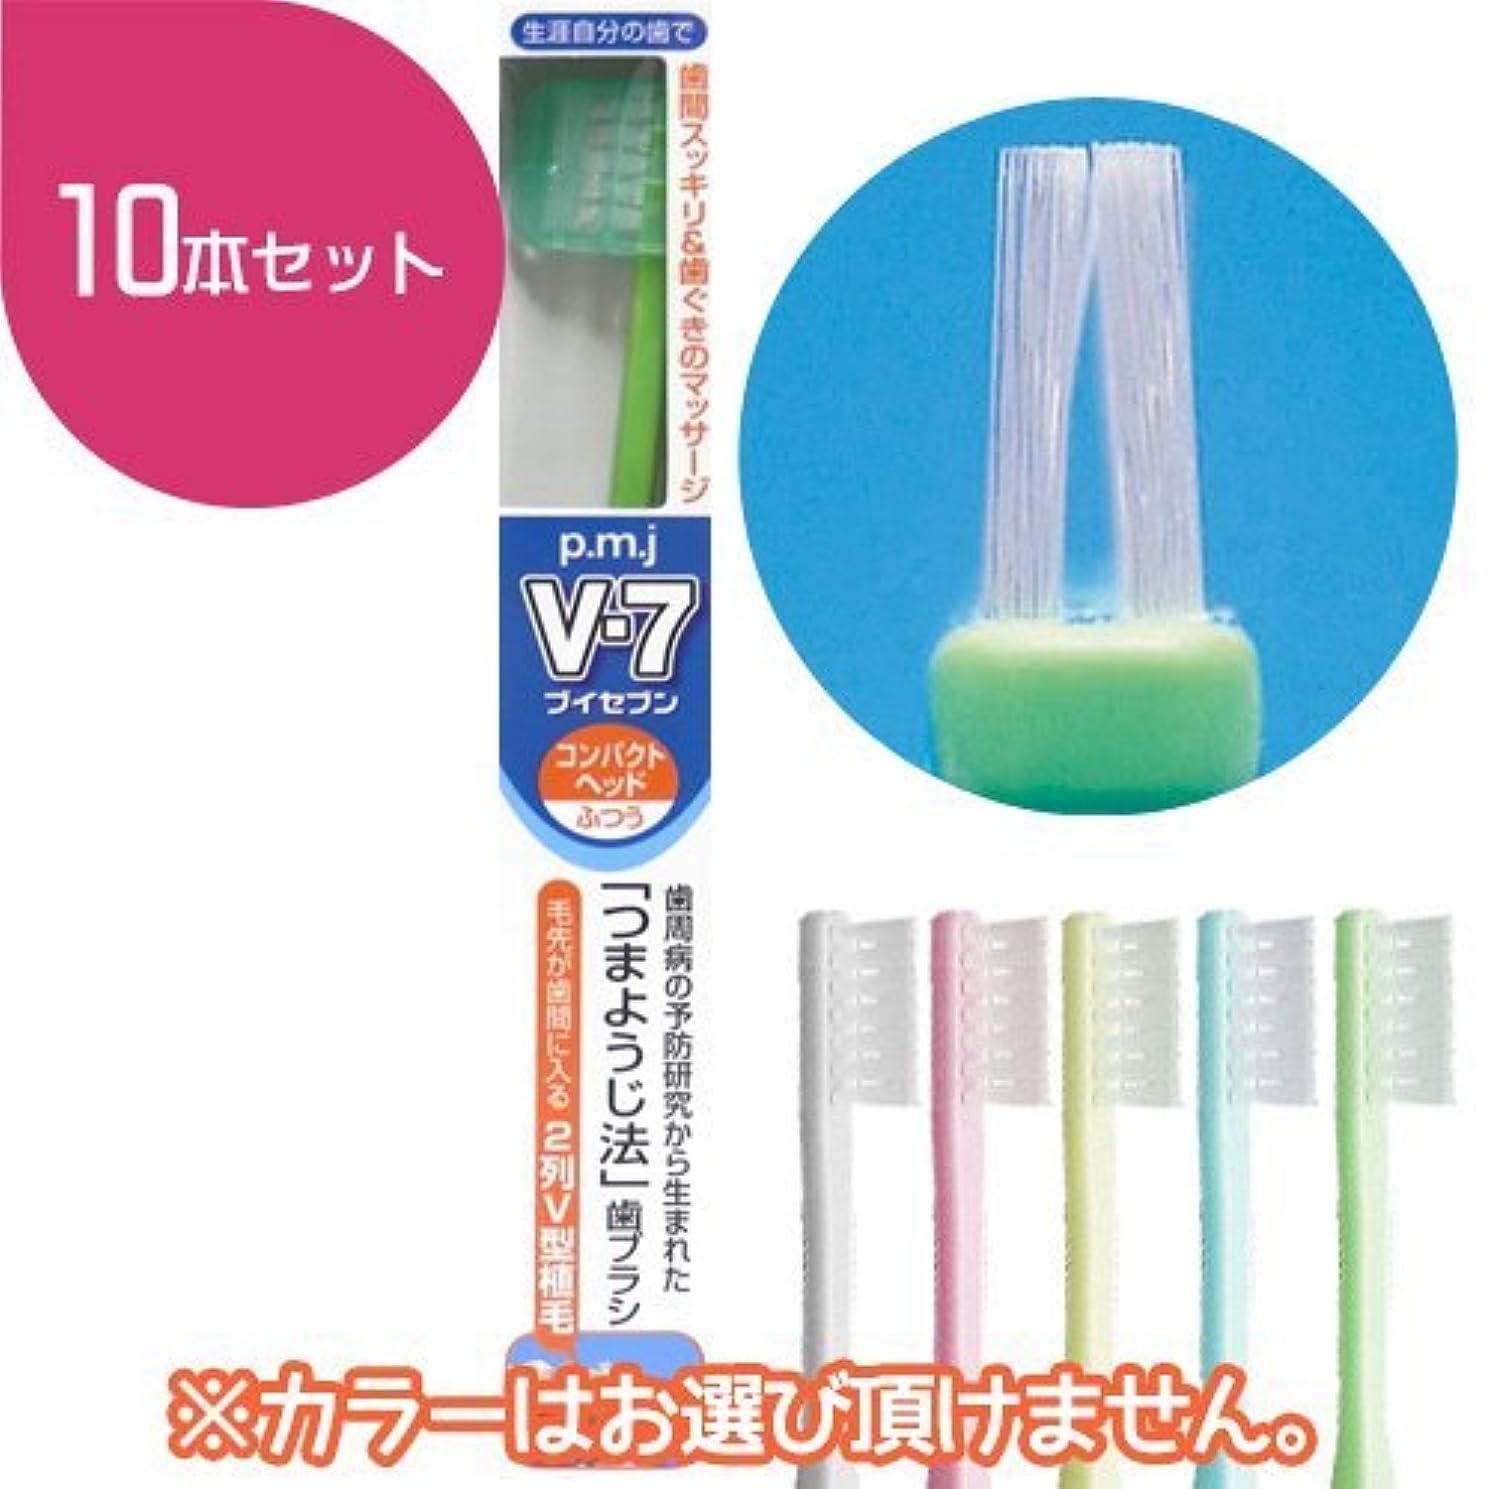 V-7 ブイセブン コンパクトヘッド 10本セット (ふつう)